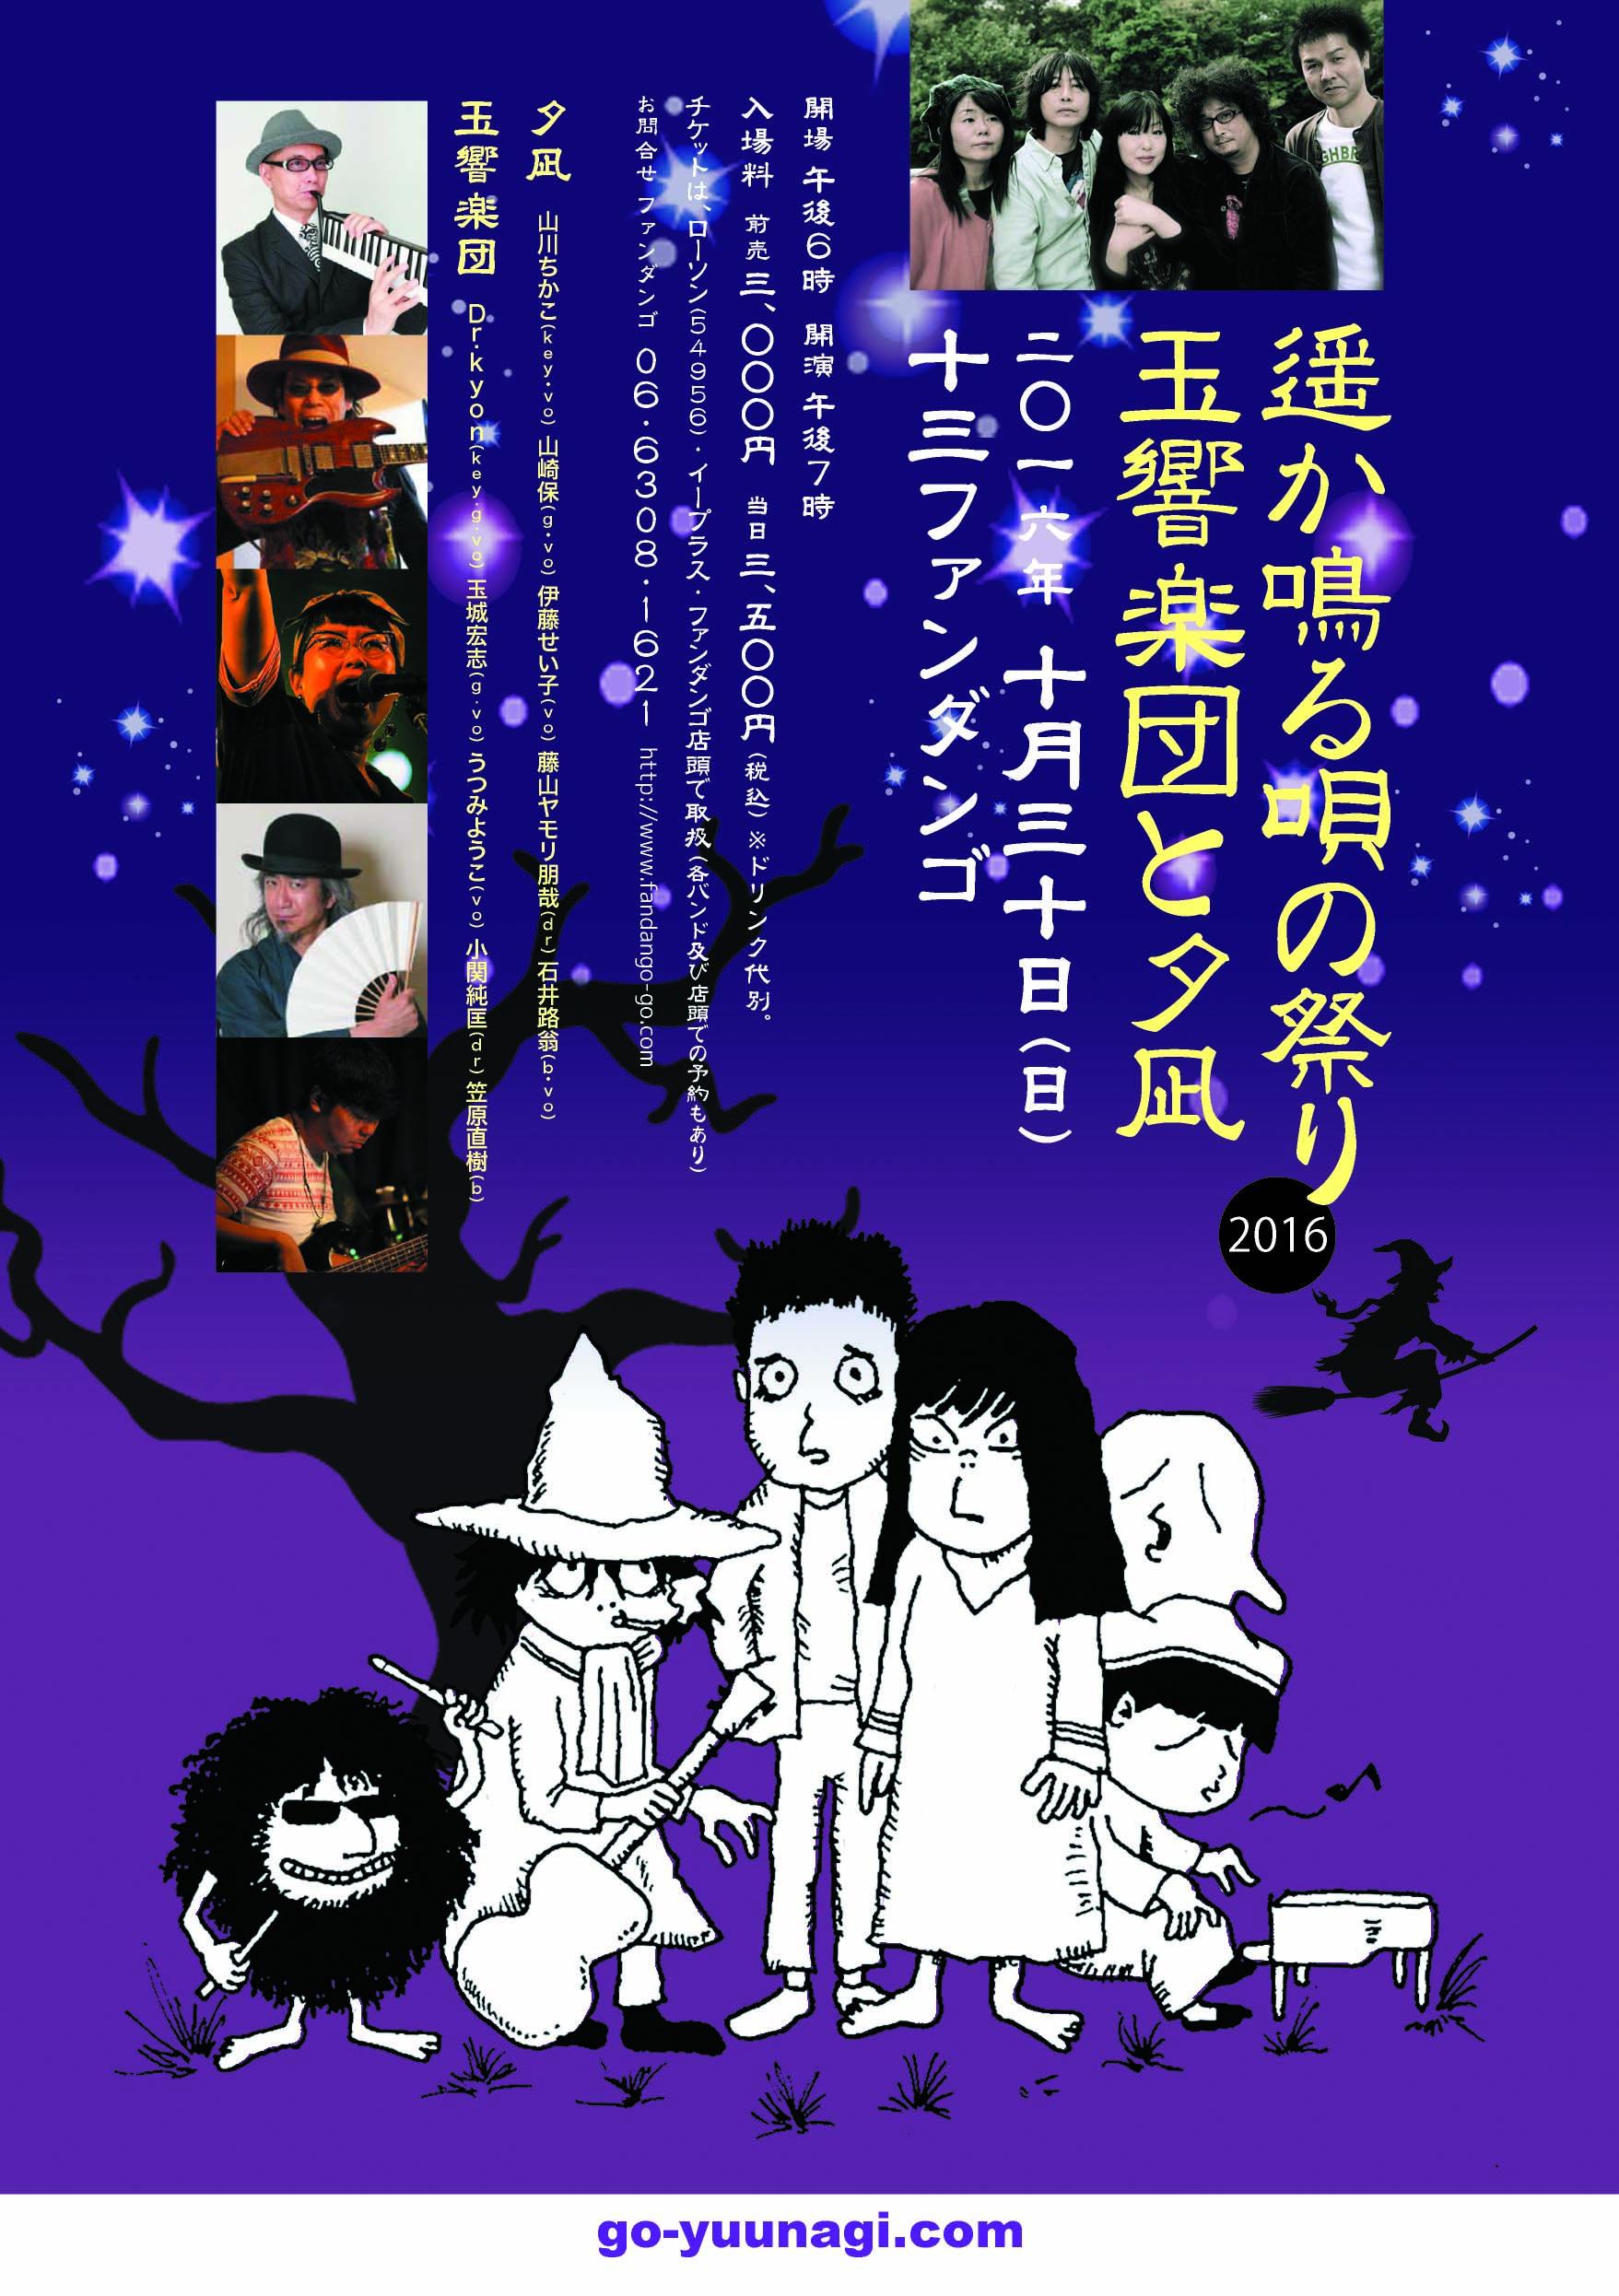 『夕凪22周年記念〜遥か鳴る唄の祭り2016』<font color=